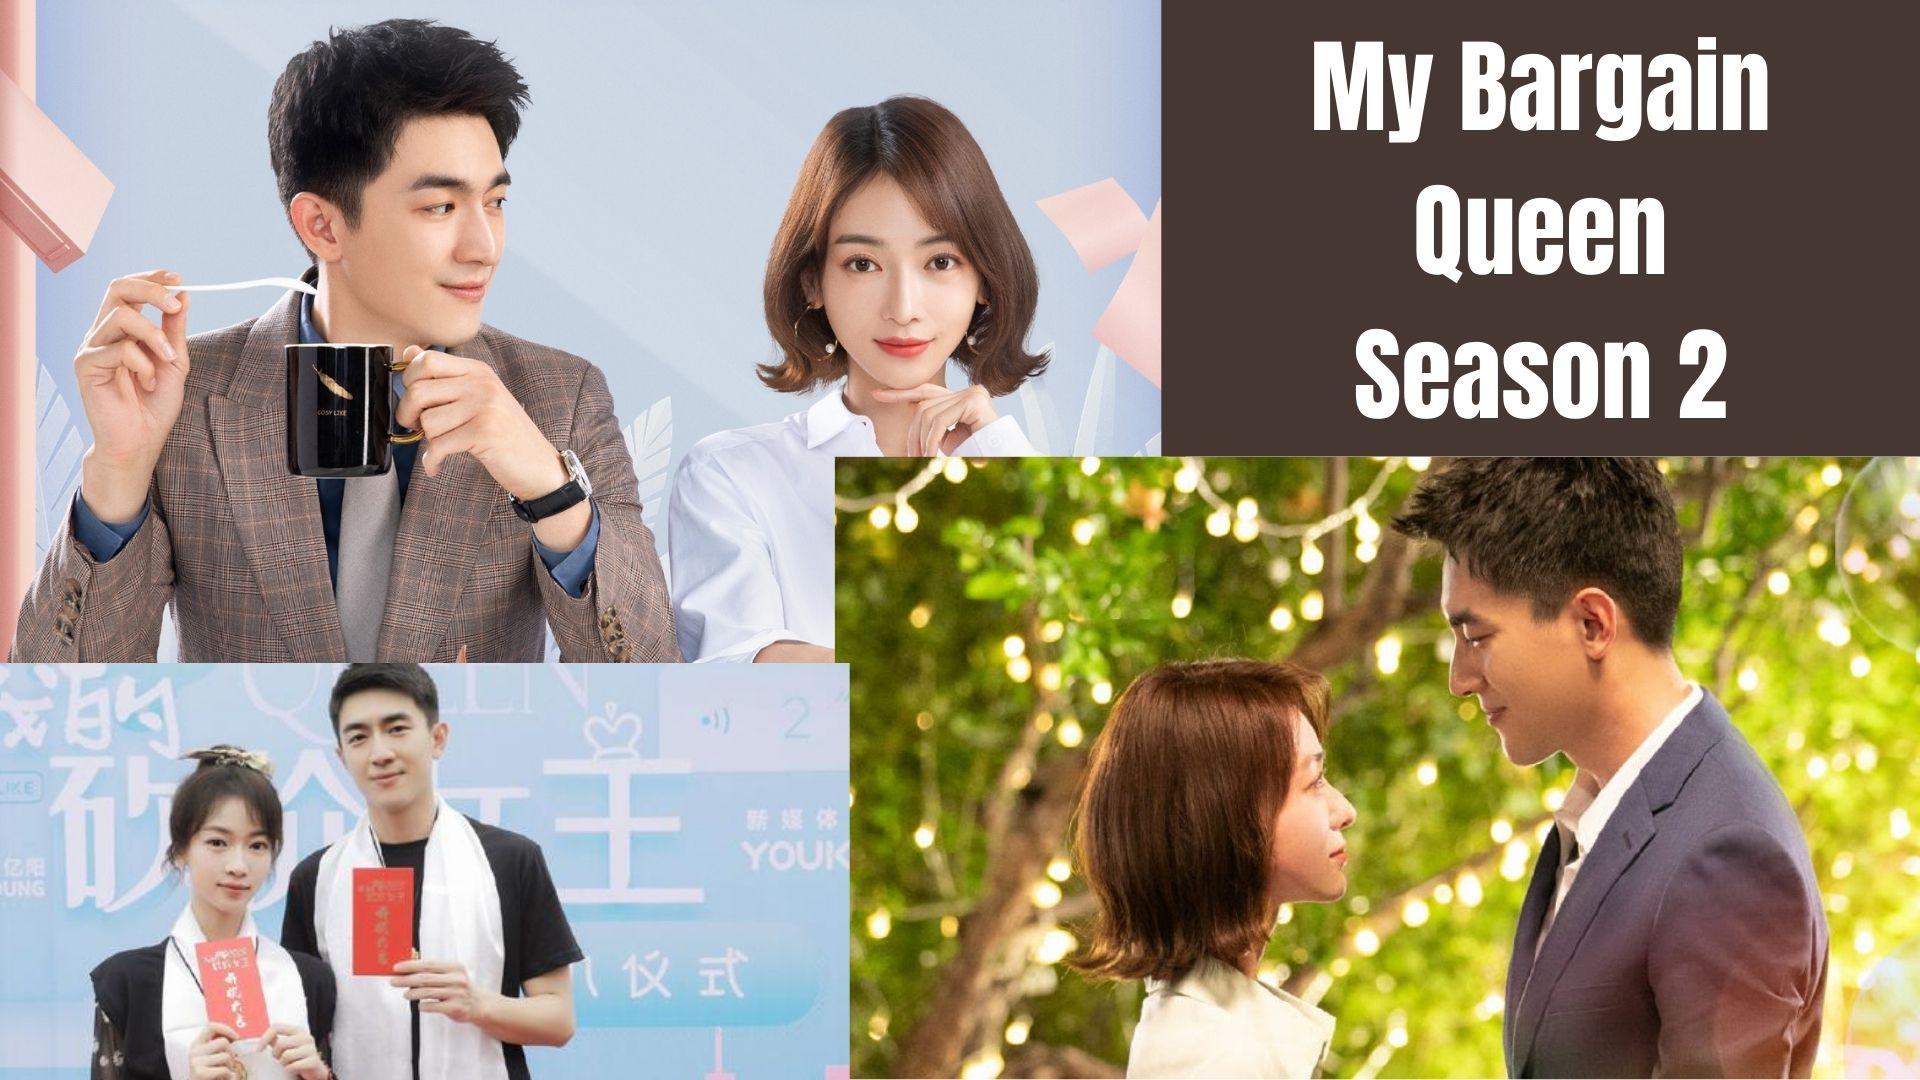 My Bargain Queen Season 2: Is the Series Renewed?